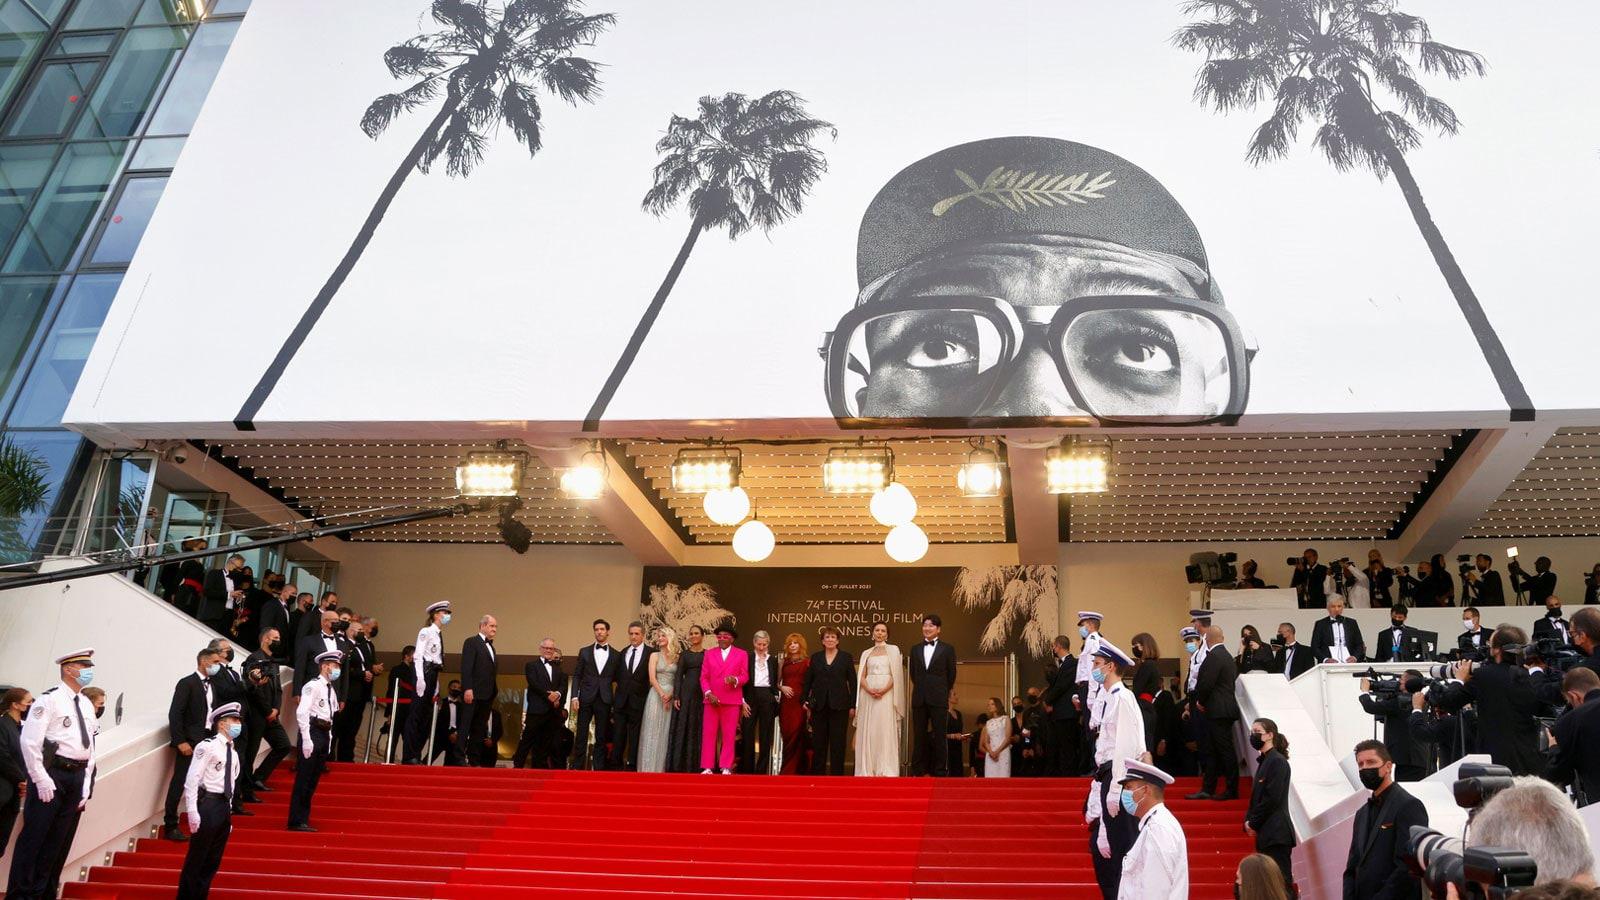 تعرض ممثلة هوليودية للسرقة في مهرجان كان السينمائي